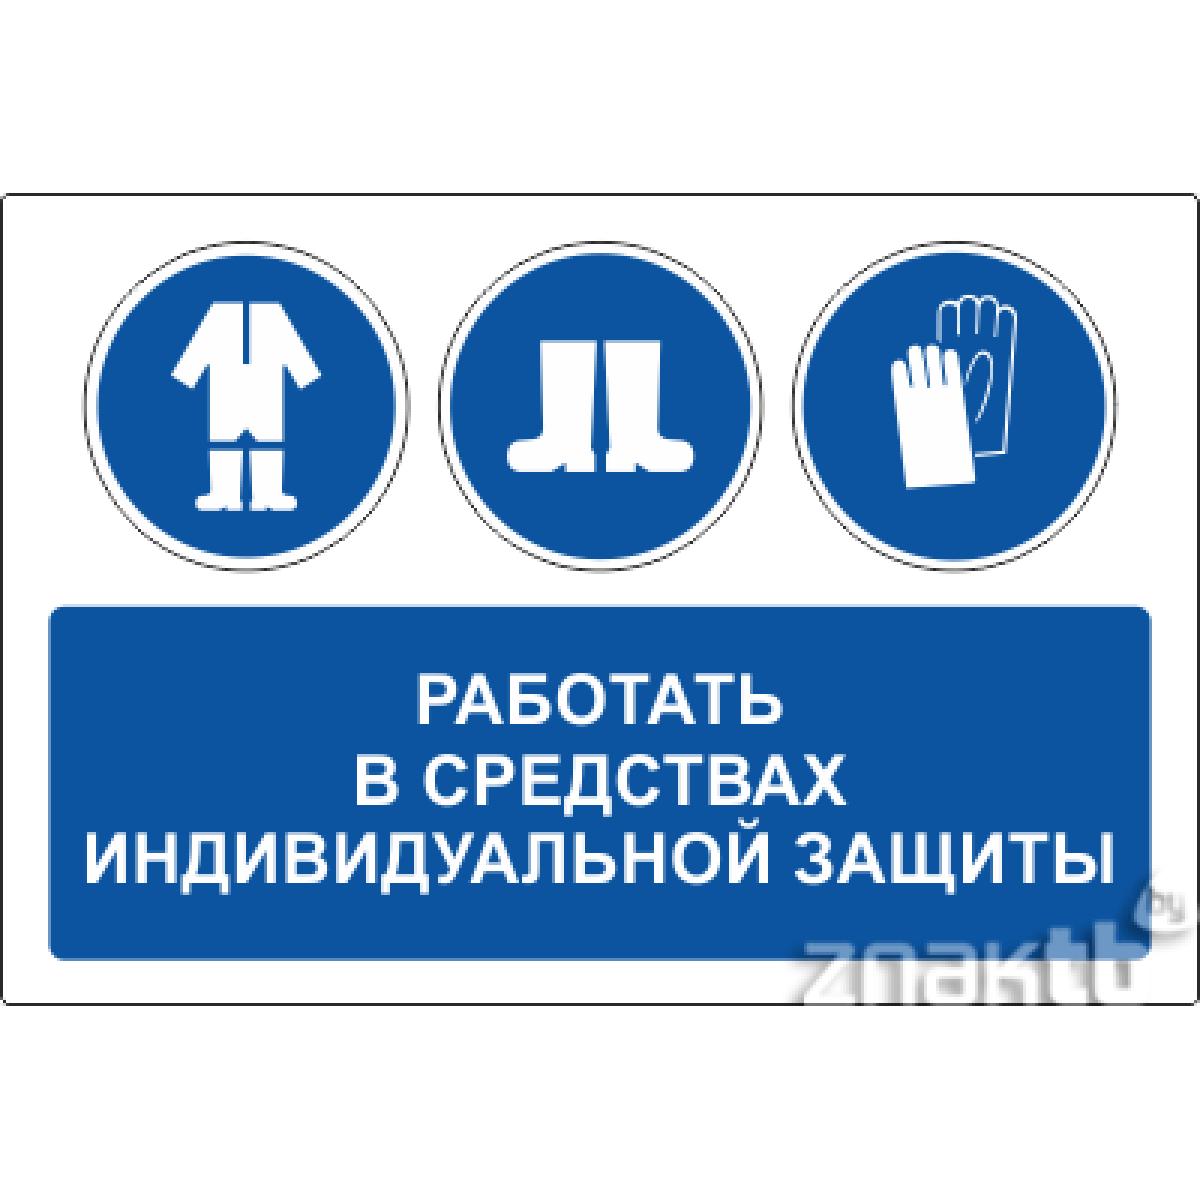 Плакат со знаками Работать в средствах индивидуальной защиты